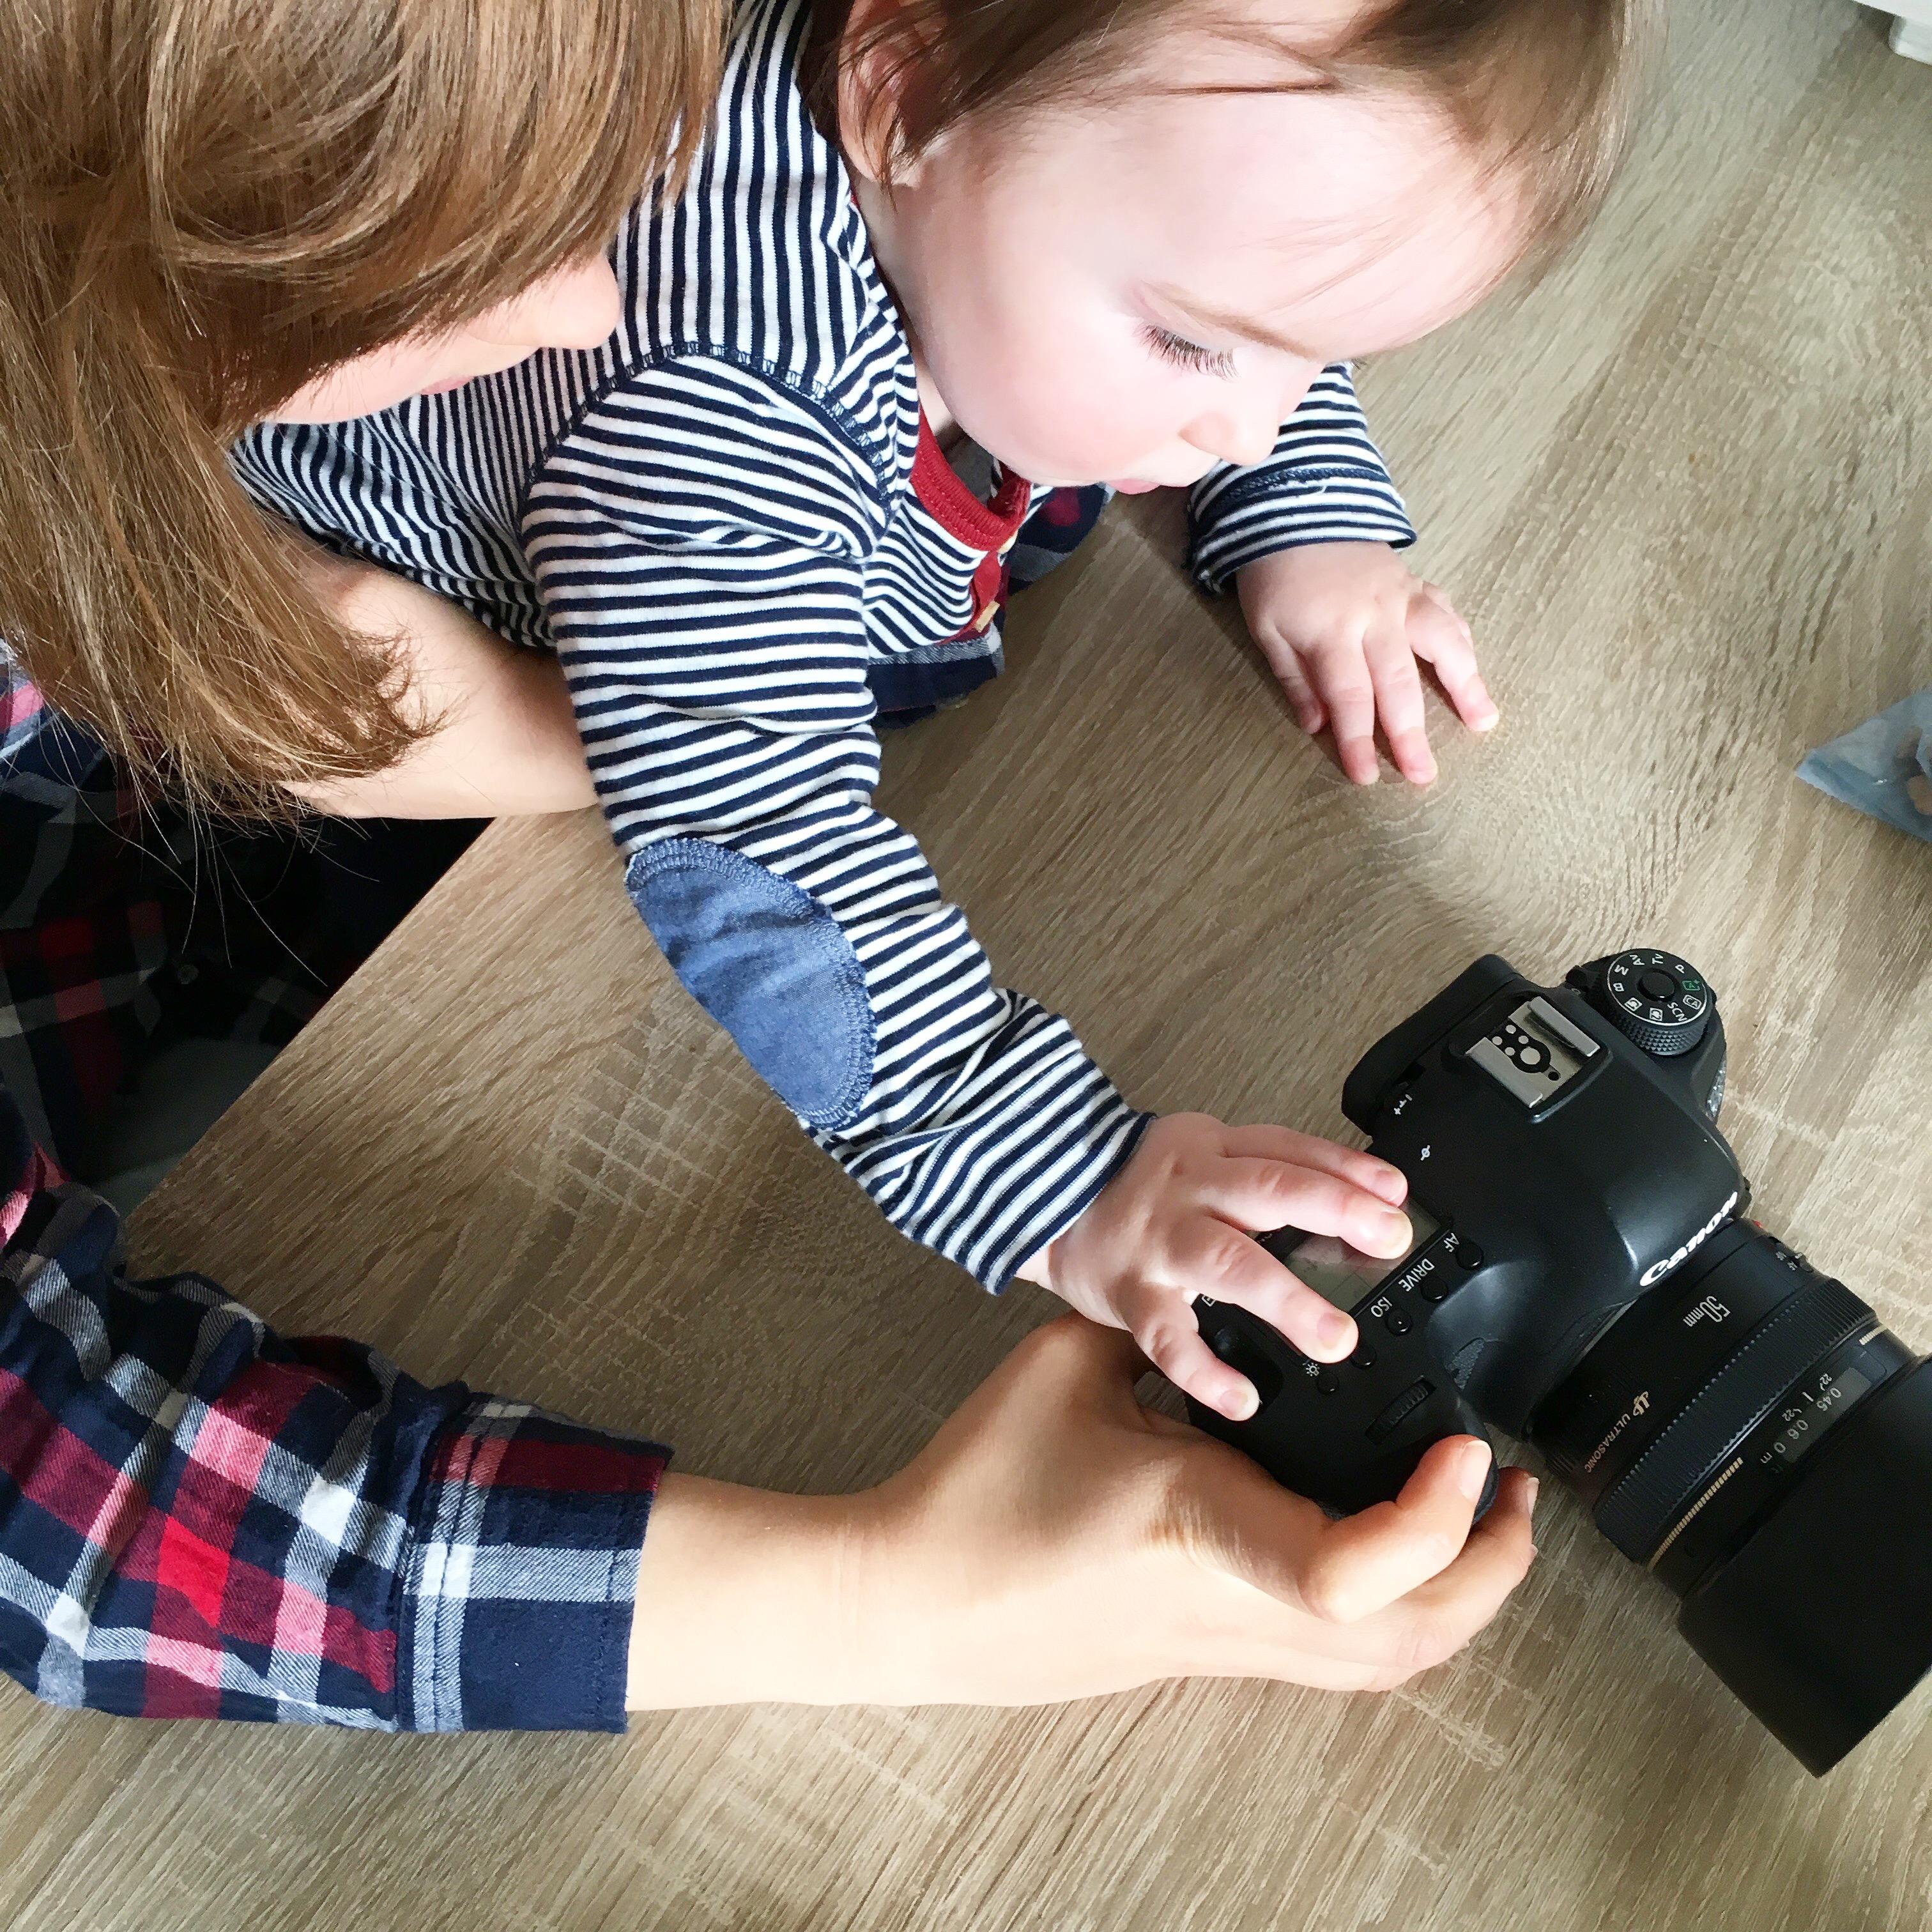 Mutter und Kind spielen mit Fotoapparat